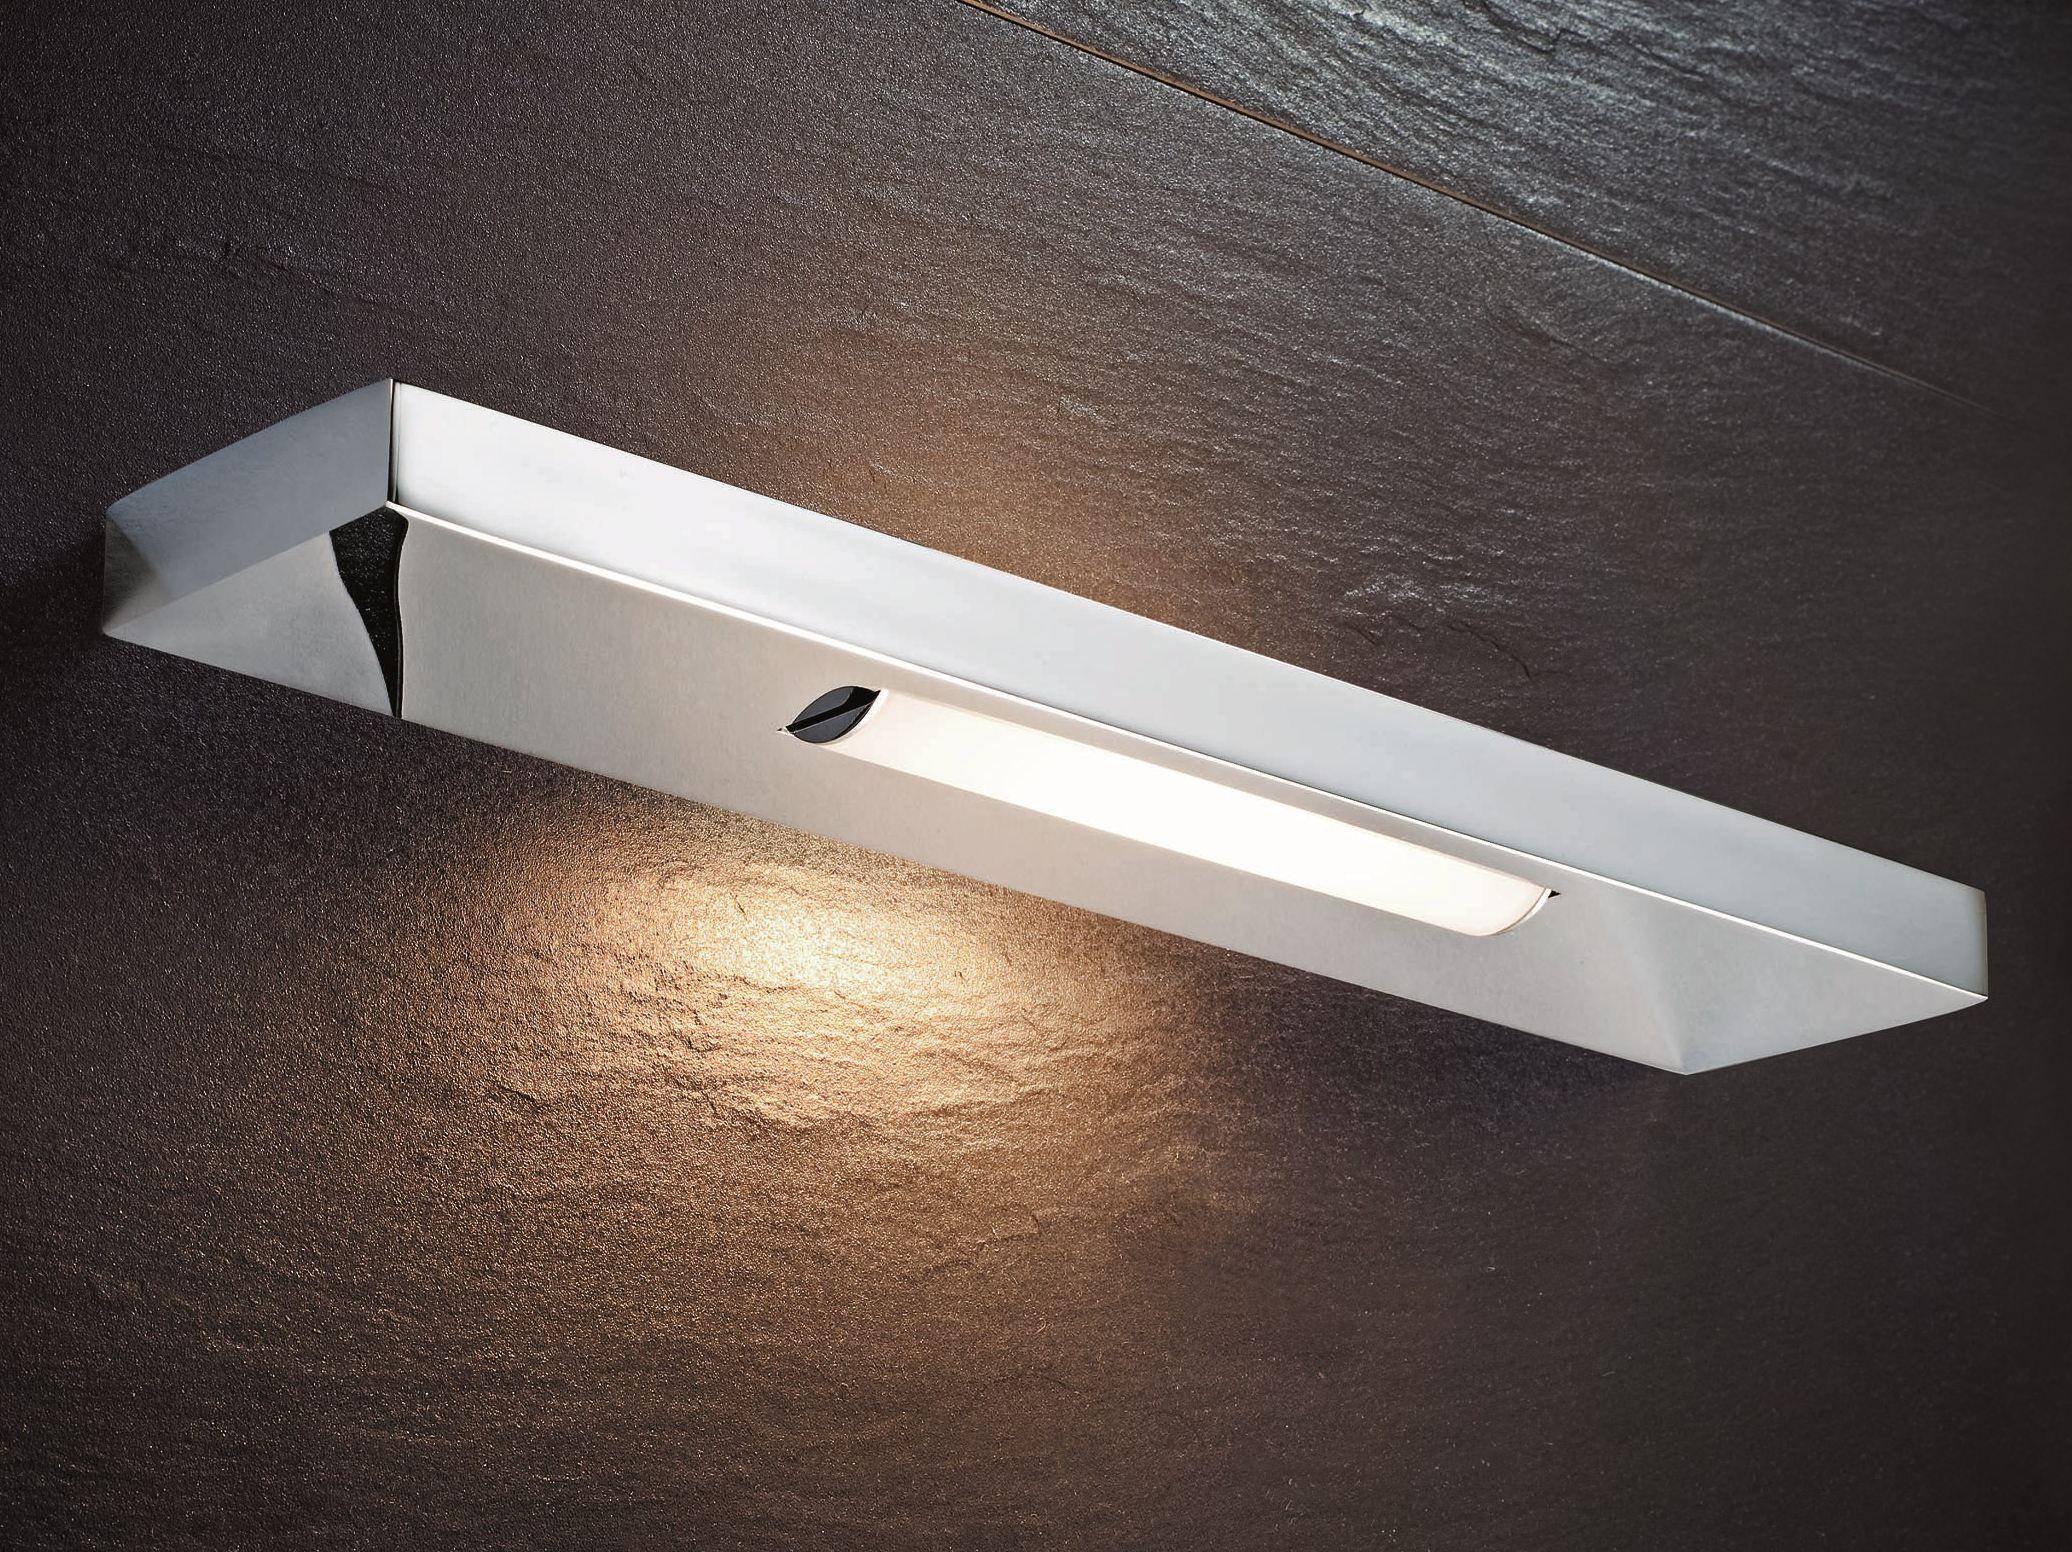 Fotos De Lamparas Para Baño:Lámpara de pared con luz directa para cuartos de baños SLIM by DECOR